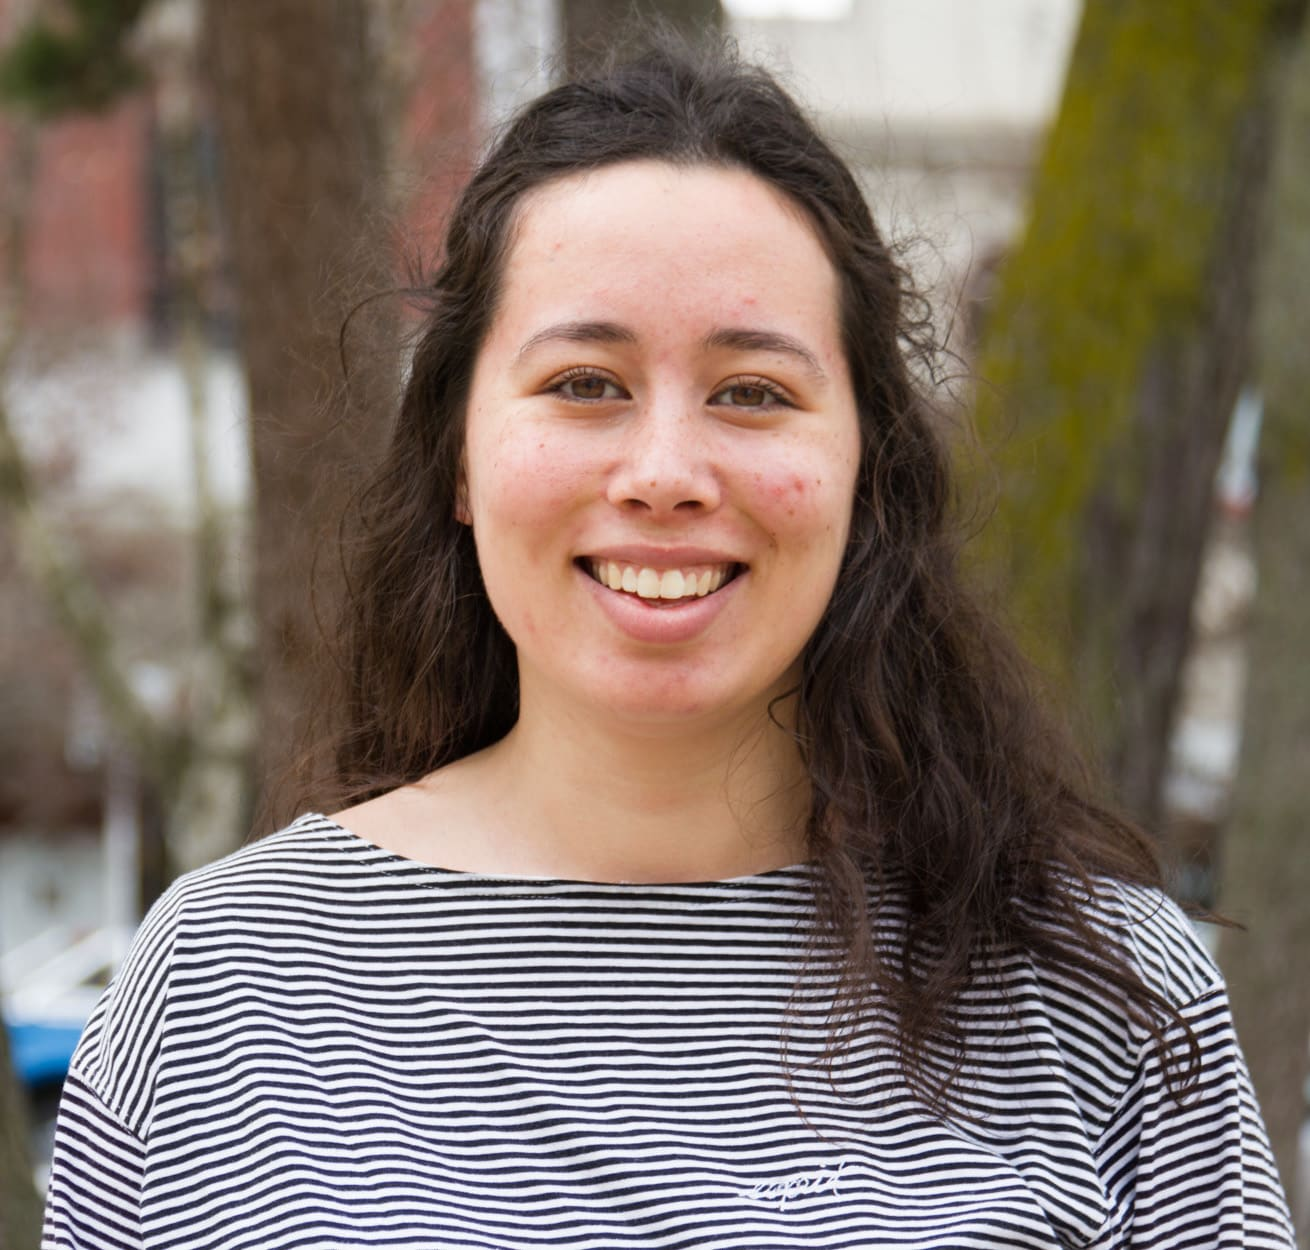 Lizzie Tafili